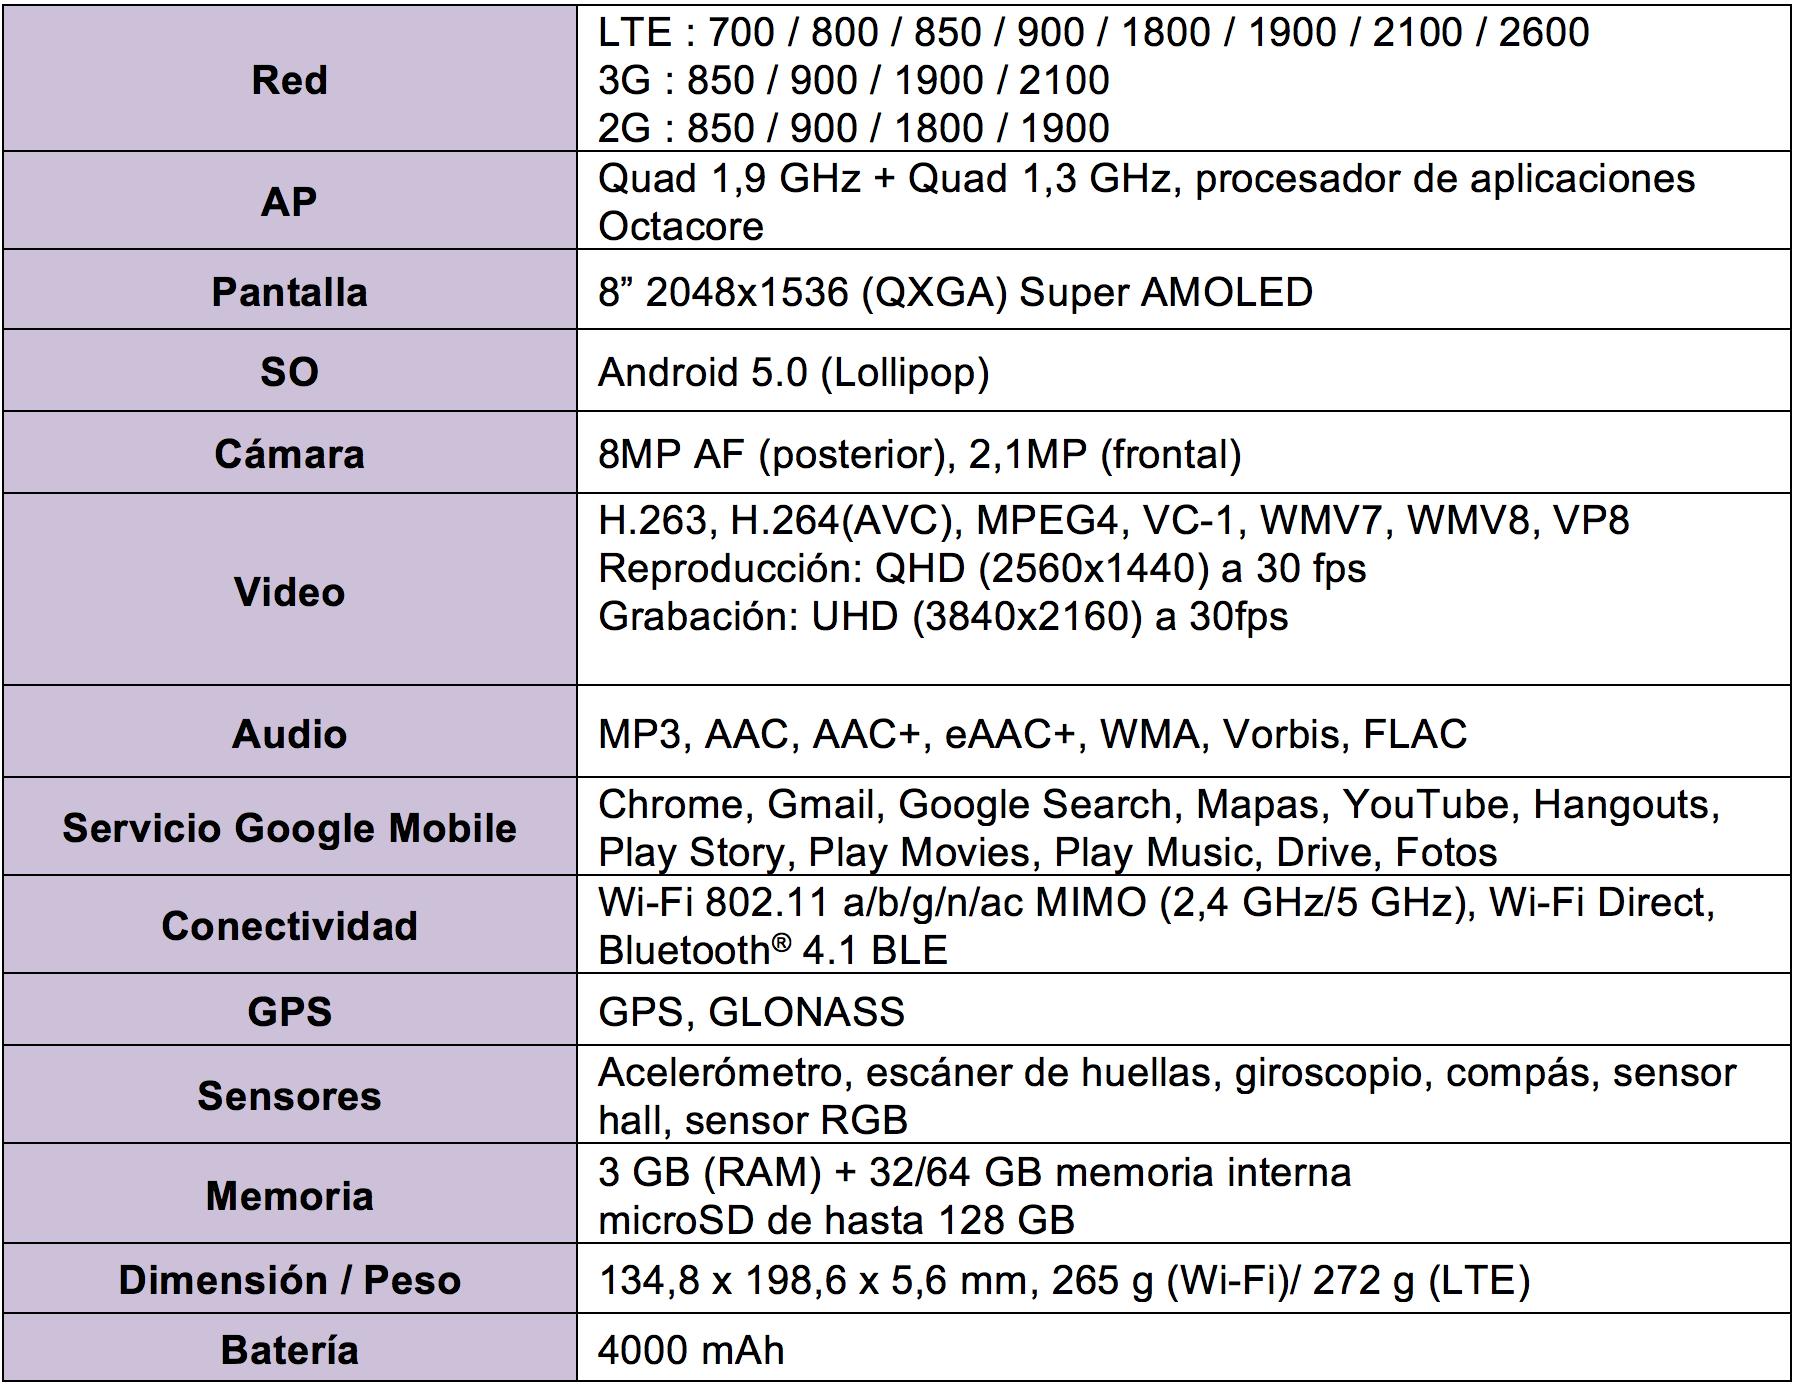 Galaxy Tab S2 8.0 pulgadas – Especificaciones del producto